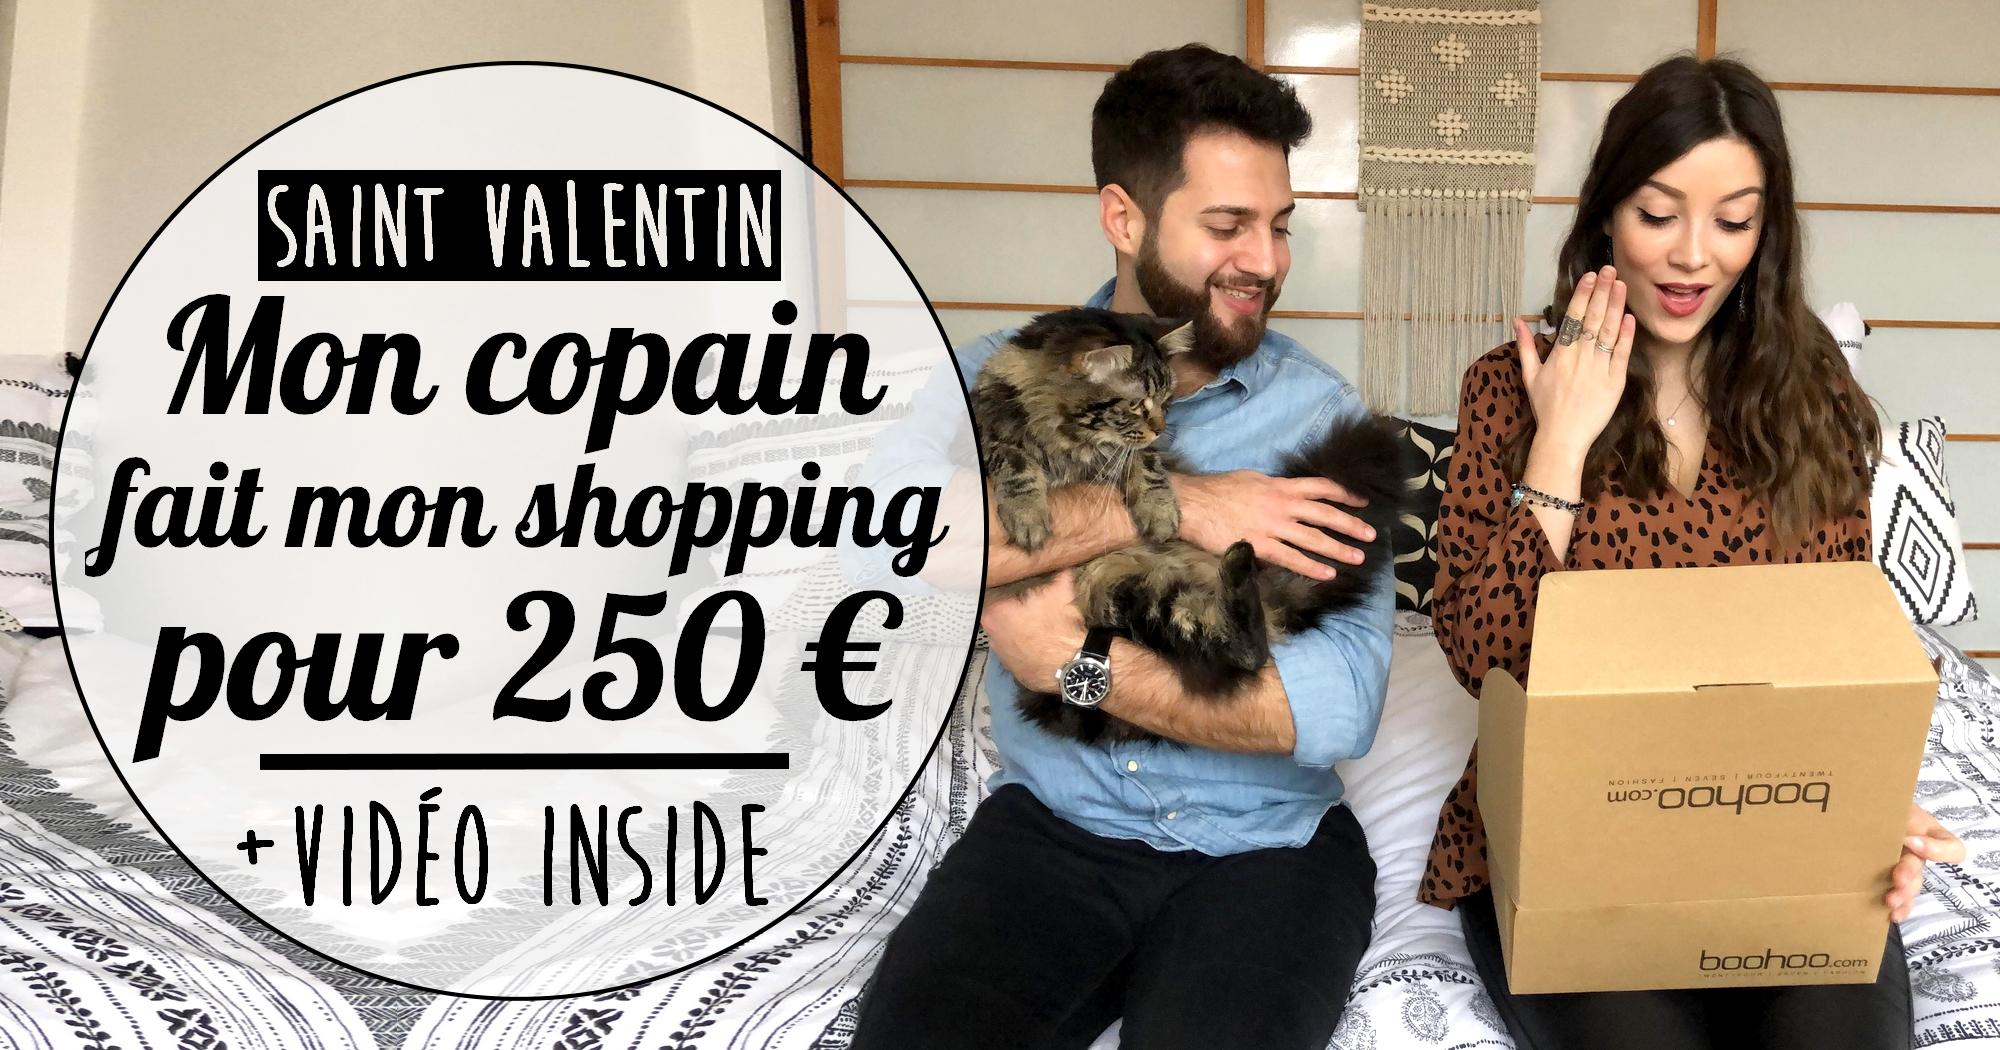 Saint Valentin : mon copain fait mon shopping avec un budget de 250€ !